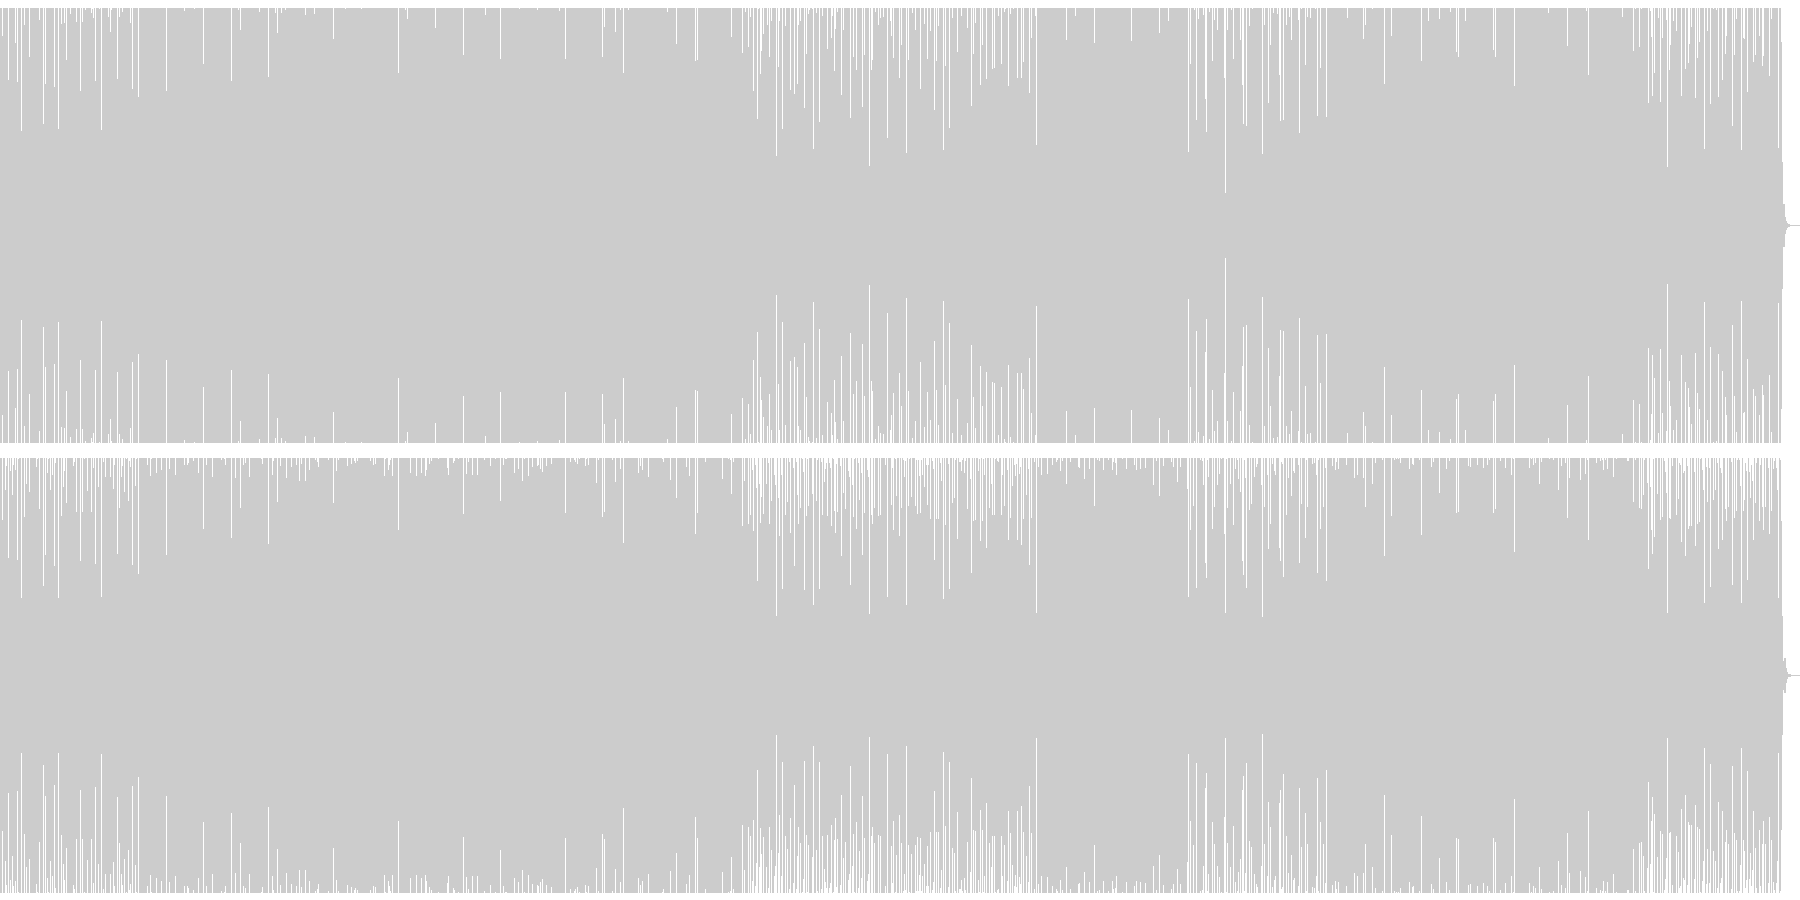 無機質で工業的なベースミュージックの未再生の波形